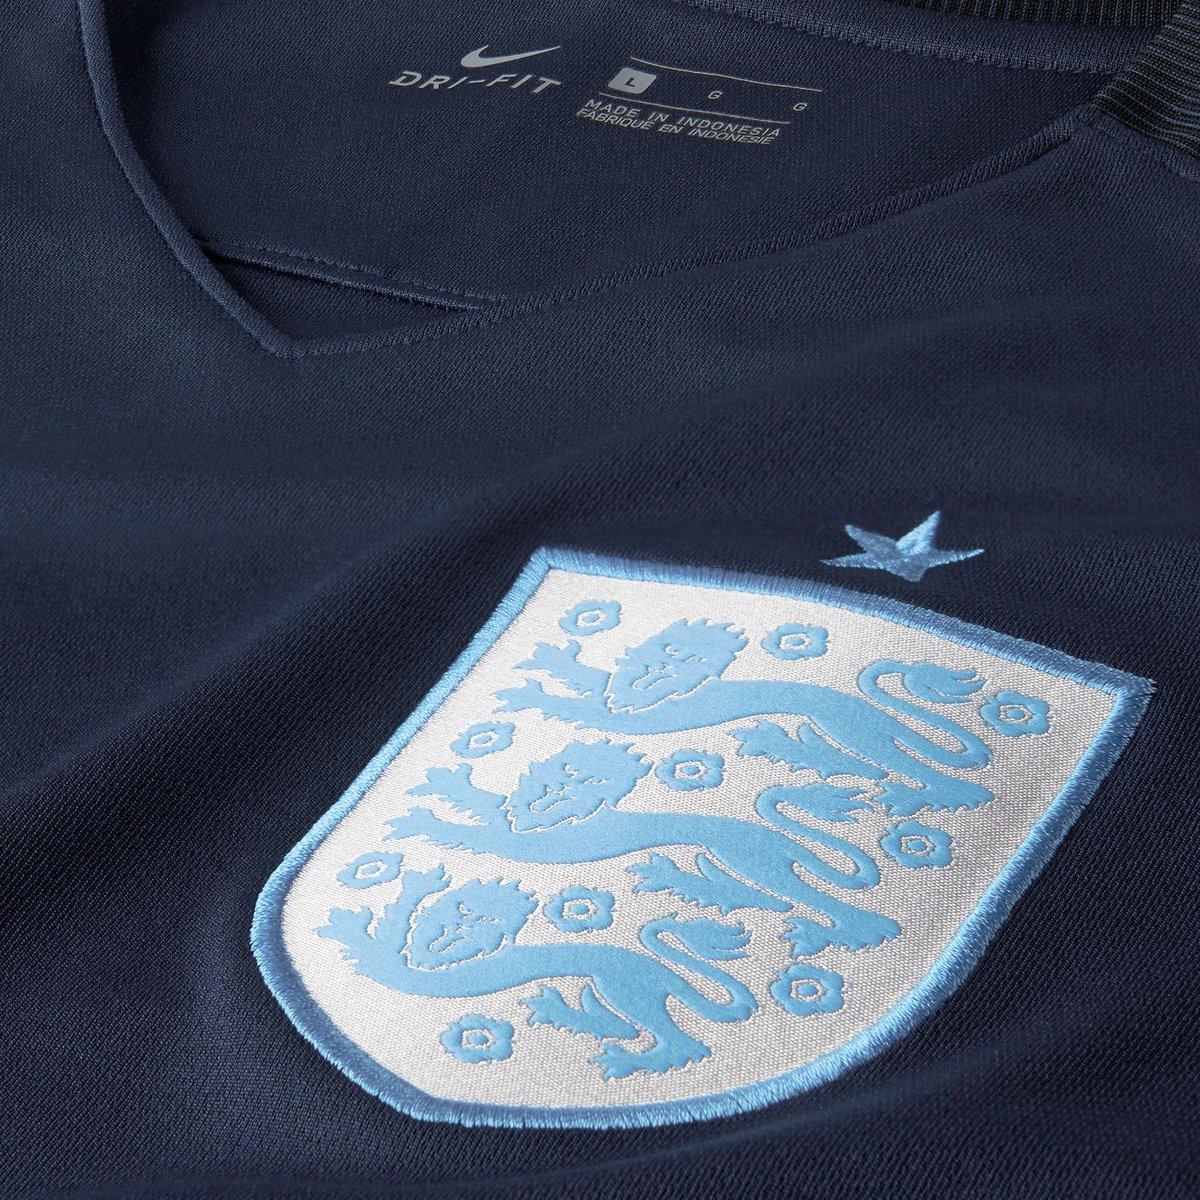 イングランド代表 ユニフォーム 2017